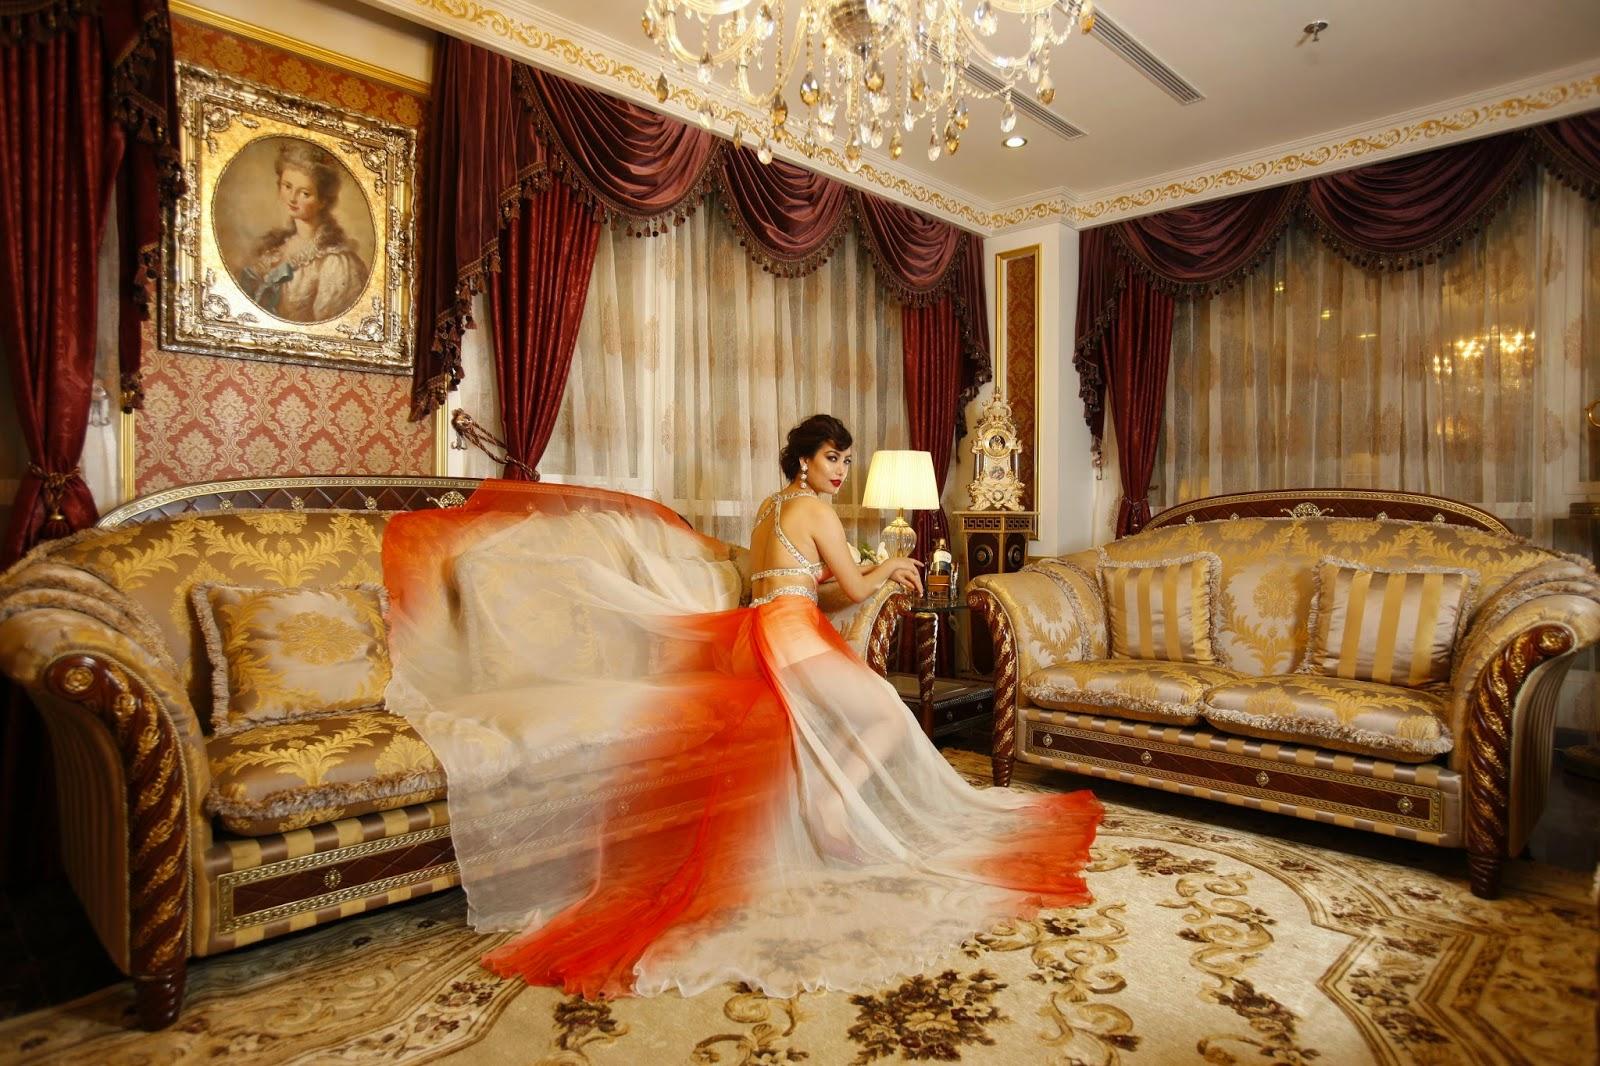 Thiết kế phòng khách theo phong cách Hoàng gia